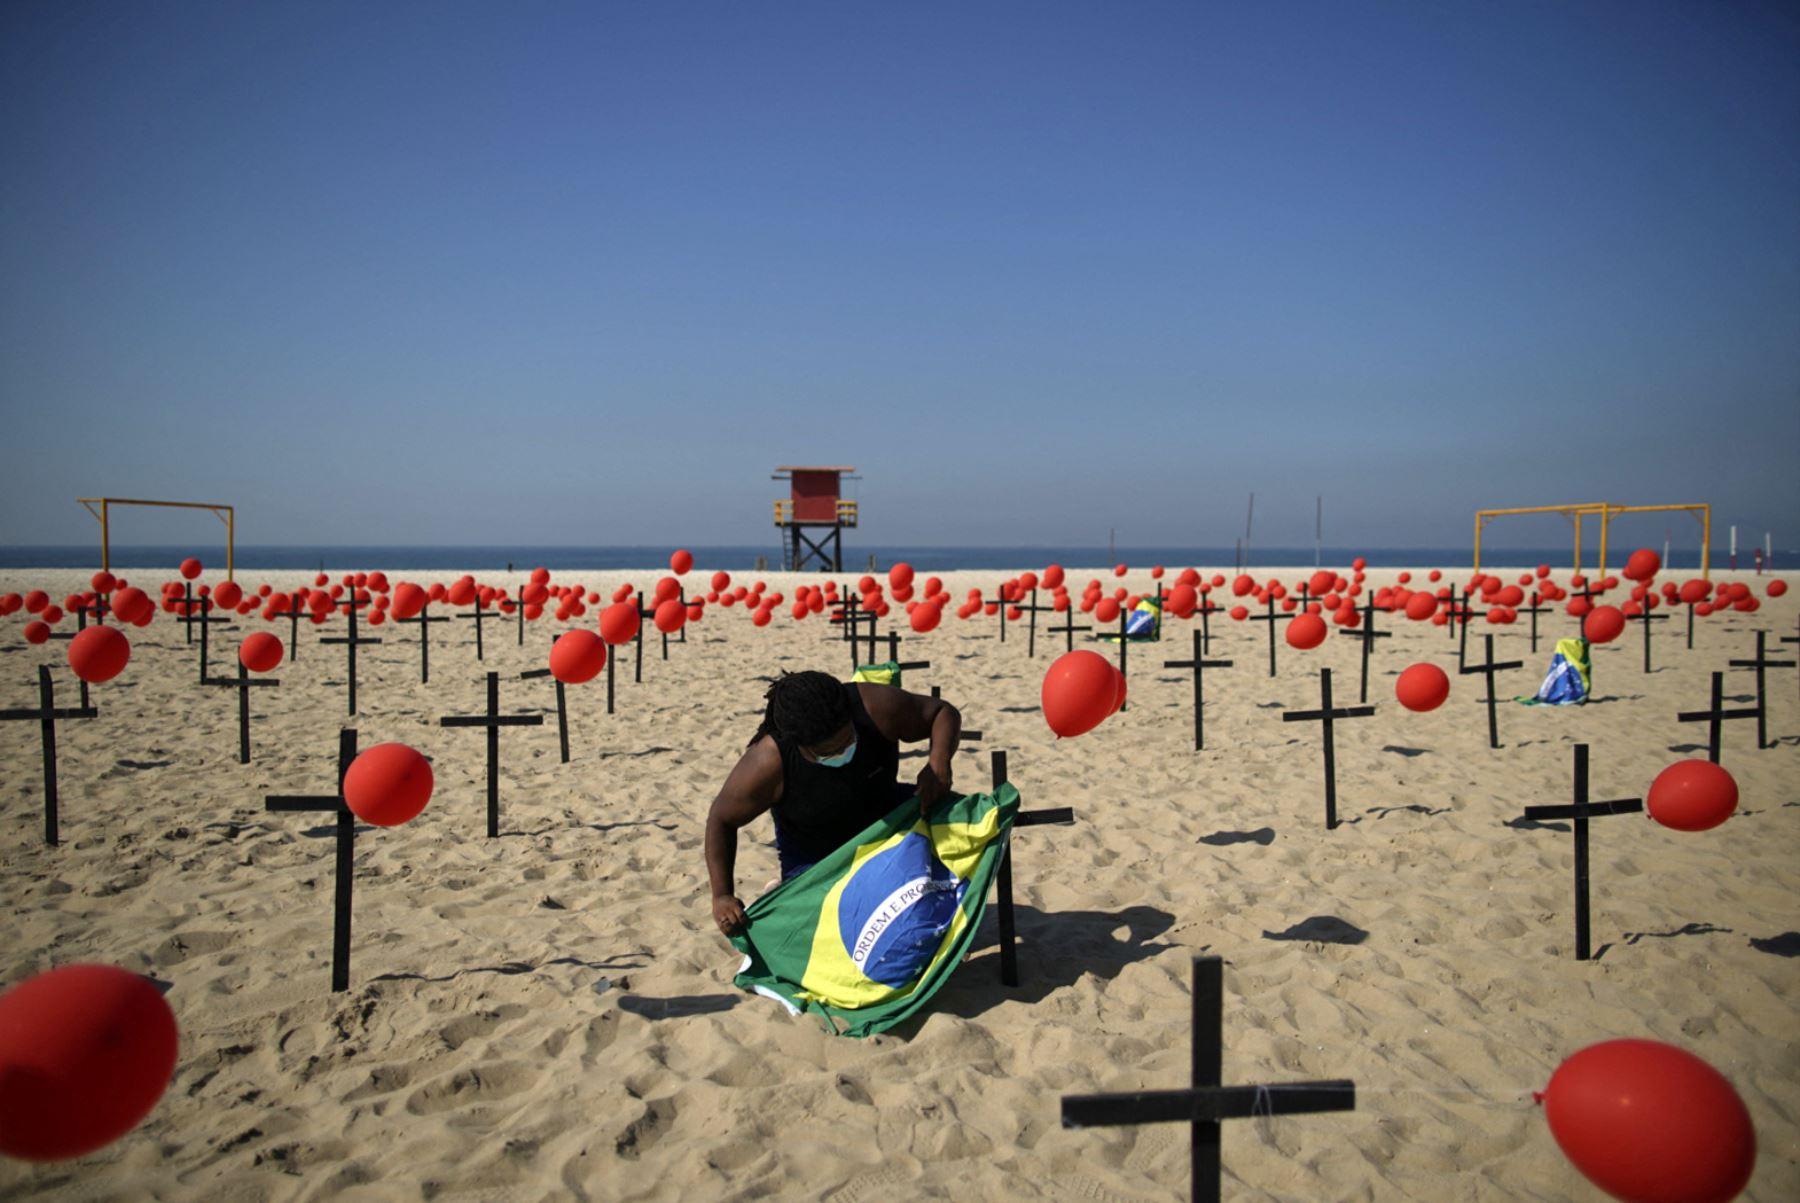 Brasil registra pérdidas por 73,000 millones de dólares en turismo por la pandemia